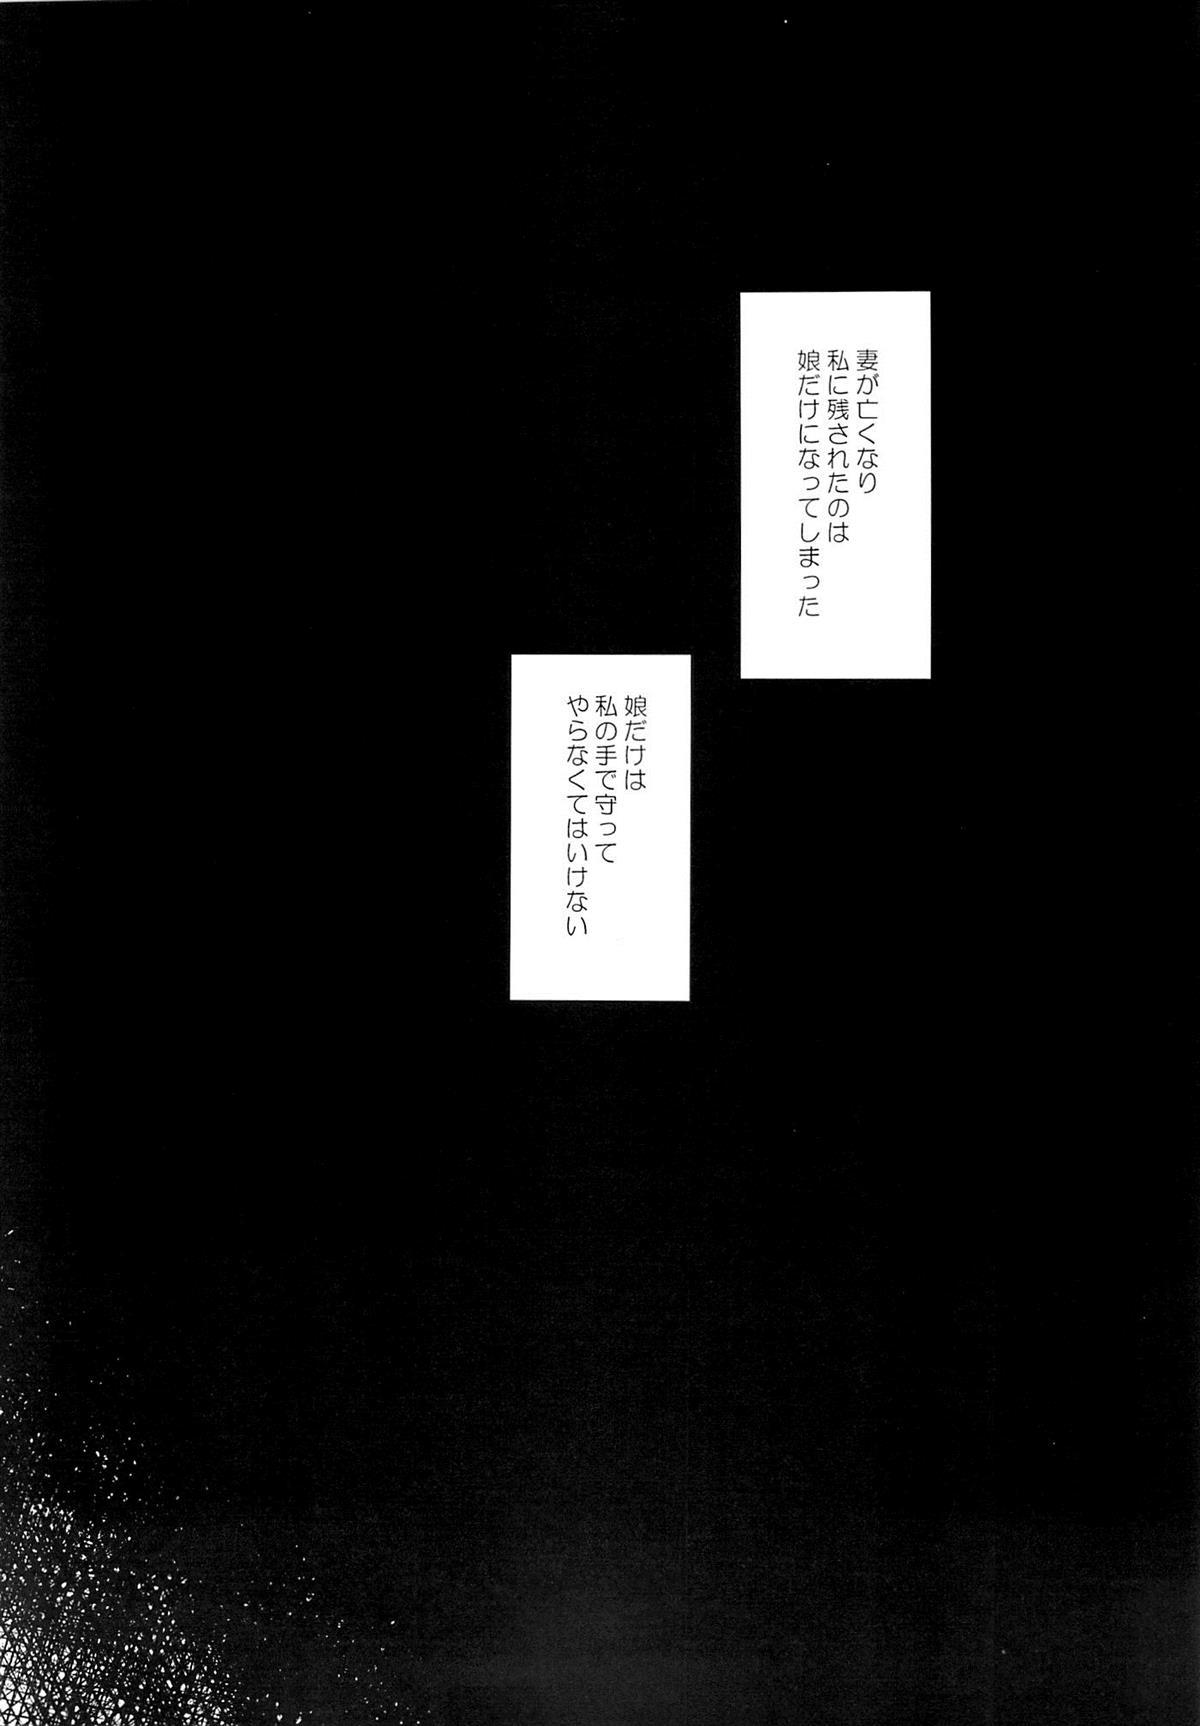 【エロ漫画・エロ同人】妻を亡くした男がロリJSの娘調教してるw入念にマンコほぐして身体開発して近親相姦セックスしてるwww 娘の制服 (7)